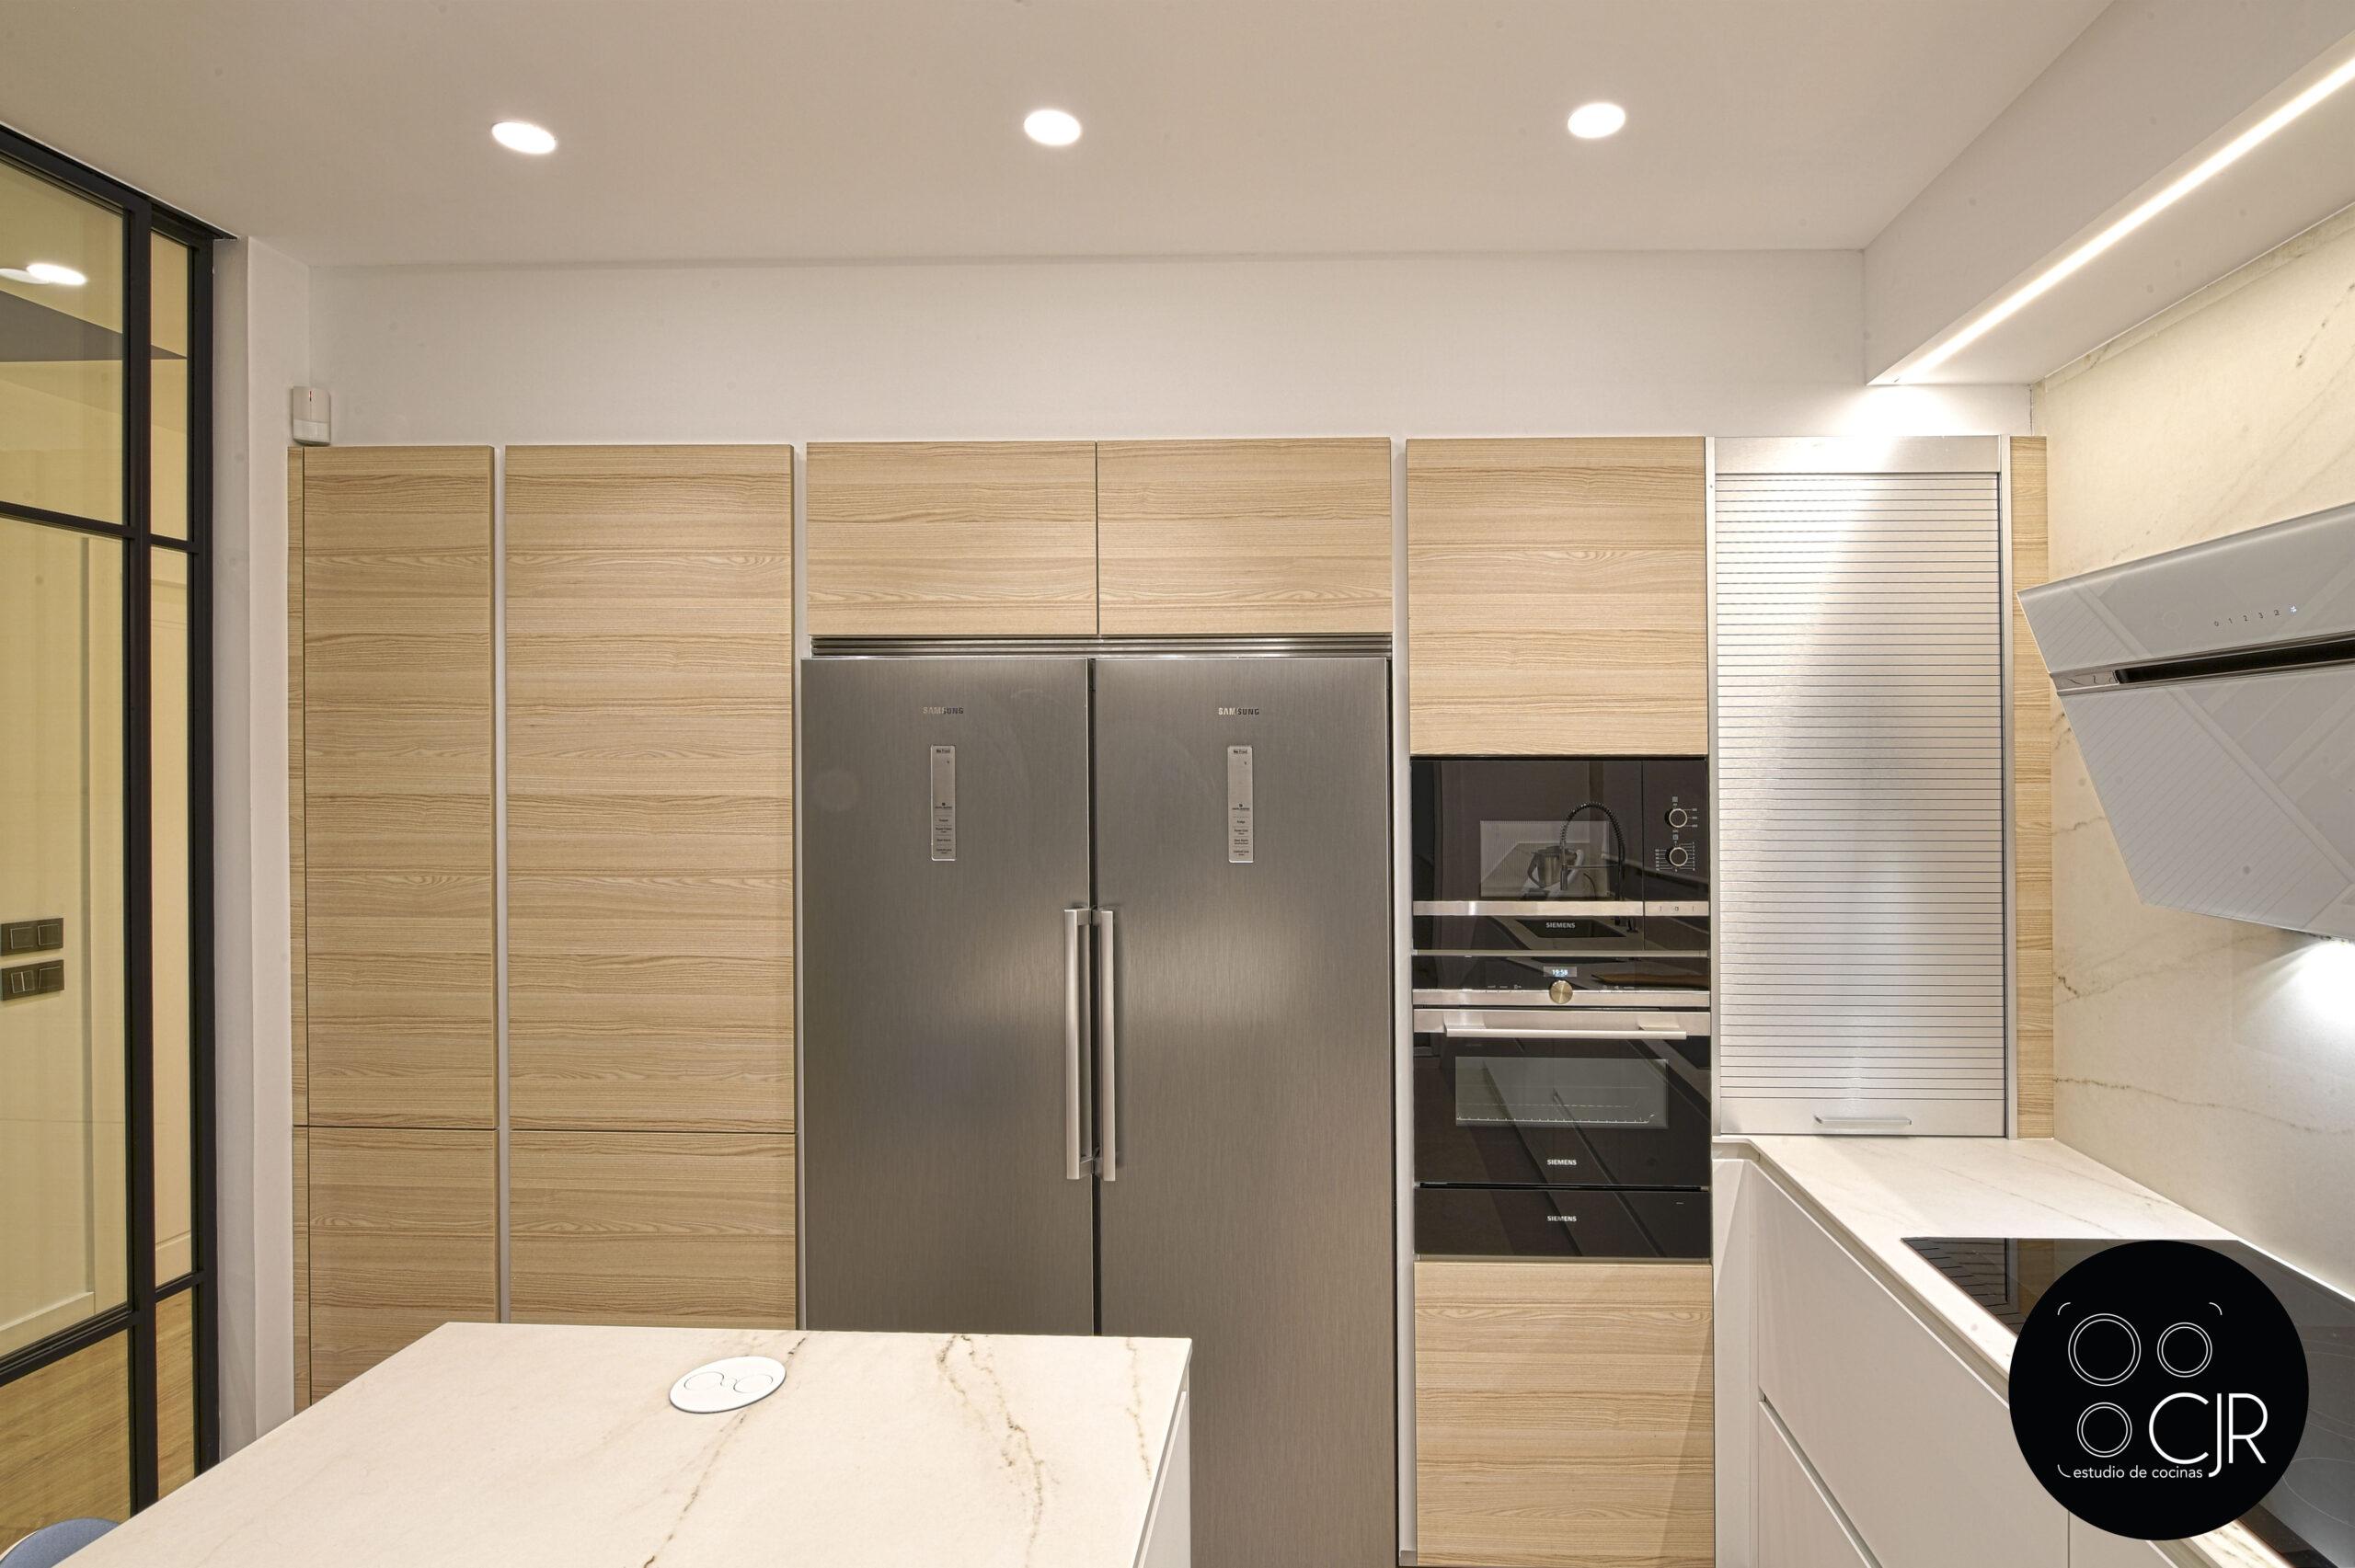 Zona electrodomésticos y muebles altos Cocina con isla blanca y madera